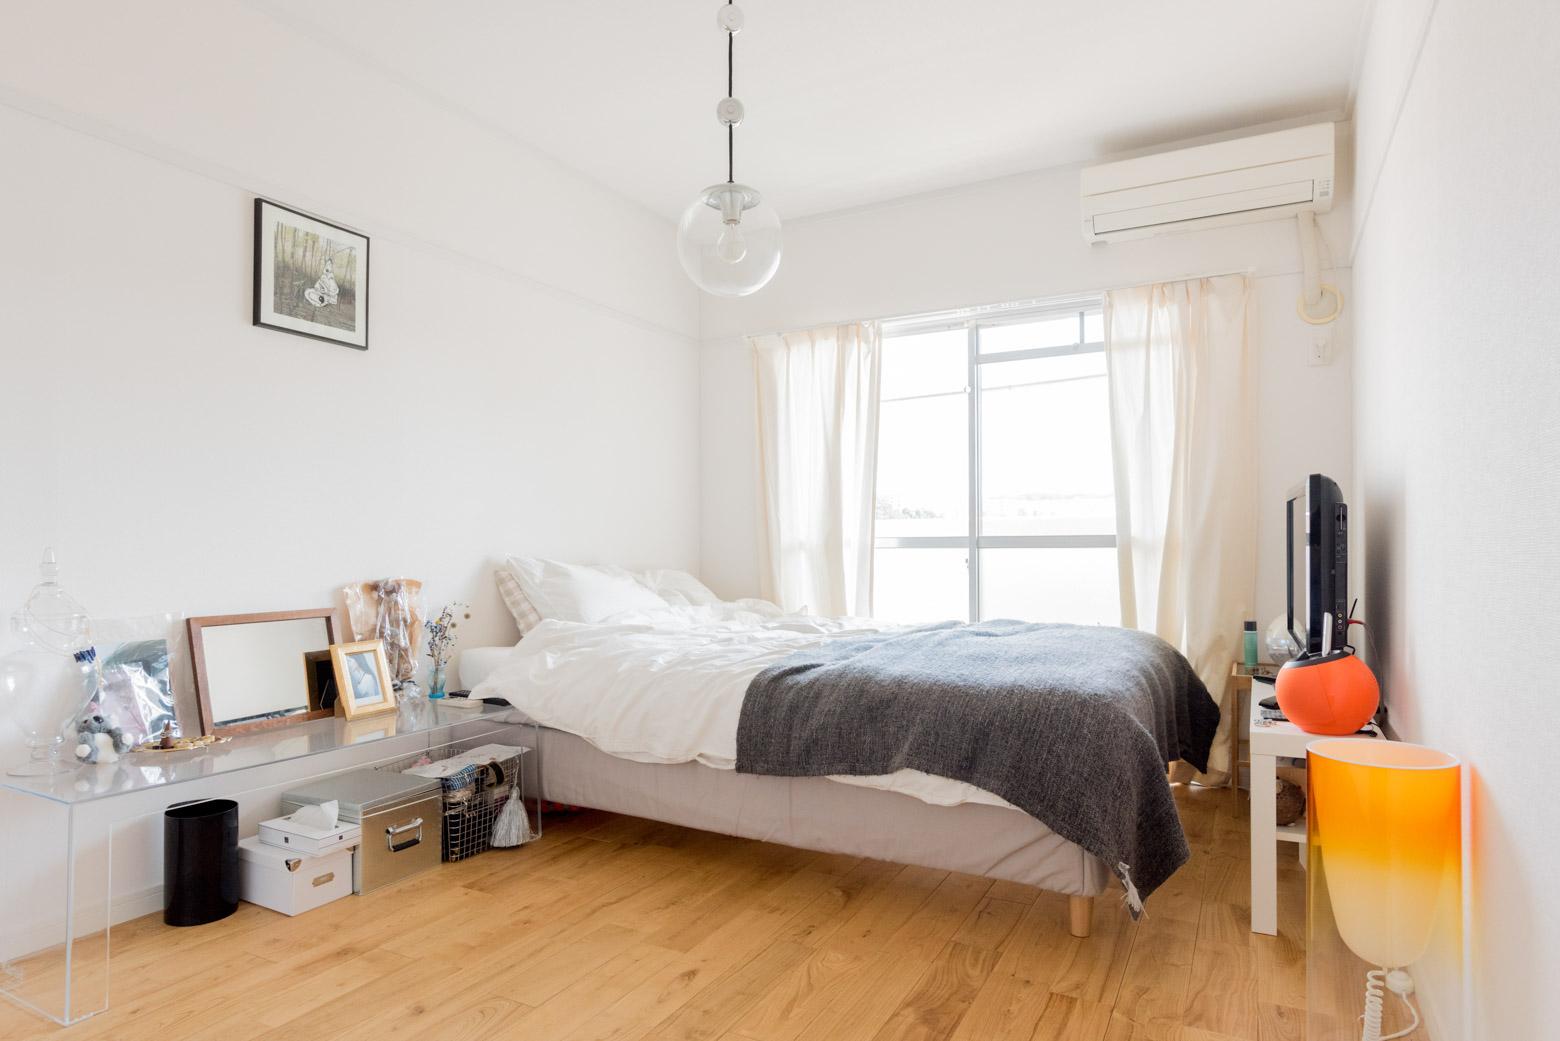 寝室も明るくて広い。「4階に住むのはここがはじめてなんですが、眺めが良くて気に入っています」とのこと。